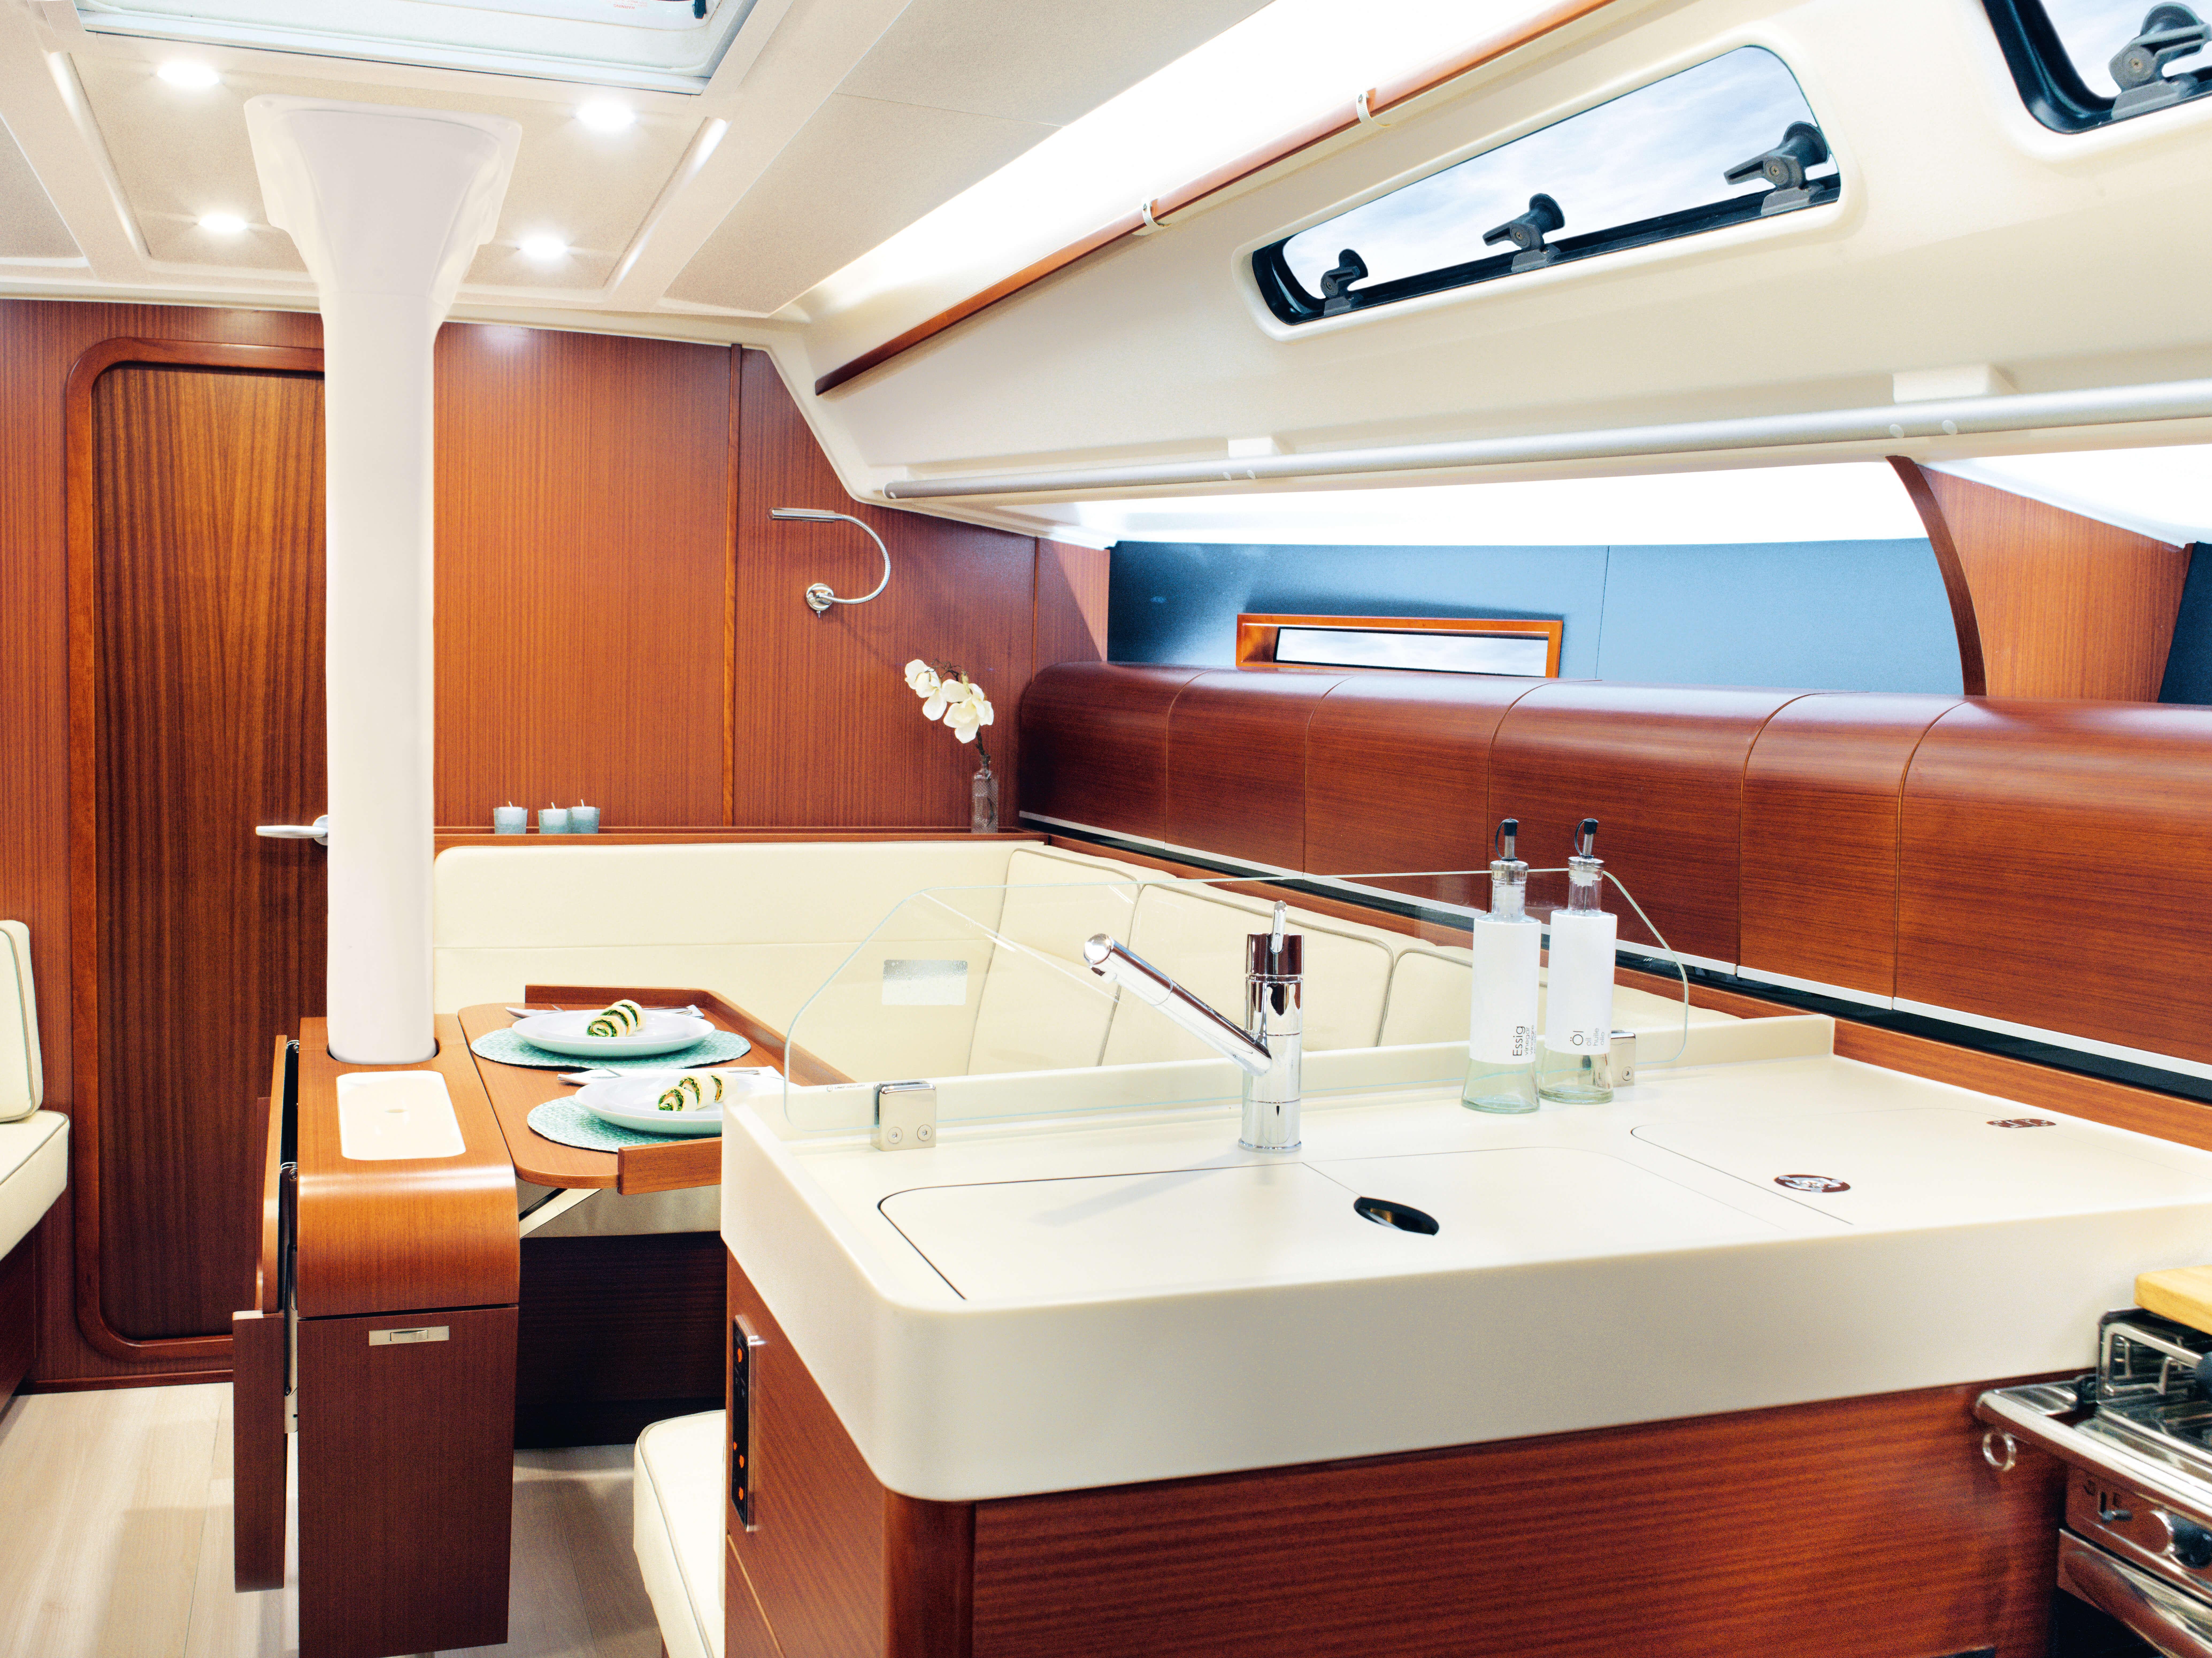 Dehler 42 Interno cambusa | coperta del lavello, rubinetto, tavolo pieghevole | Dehler